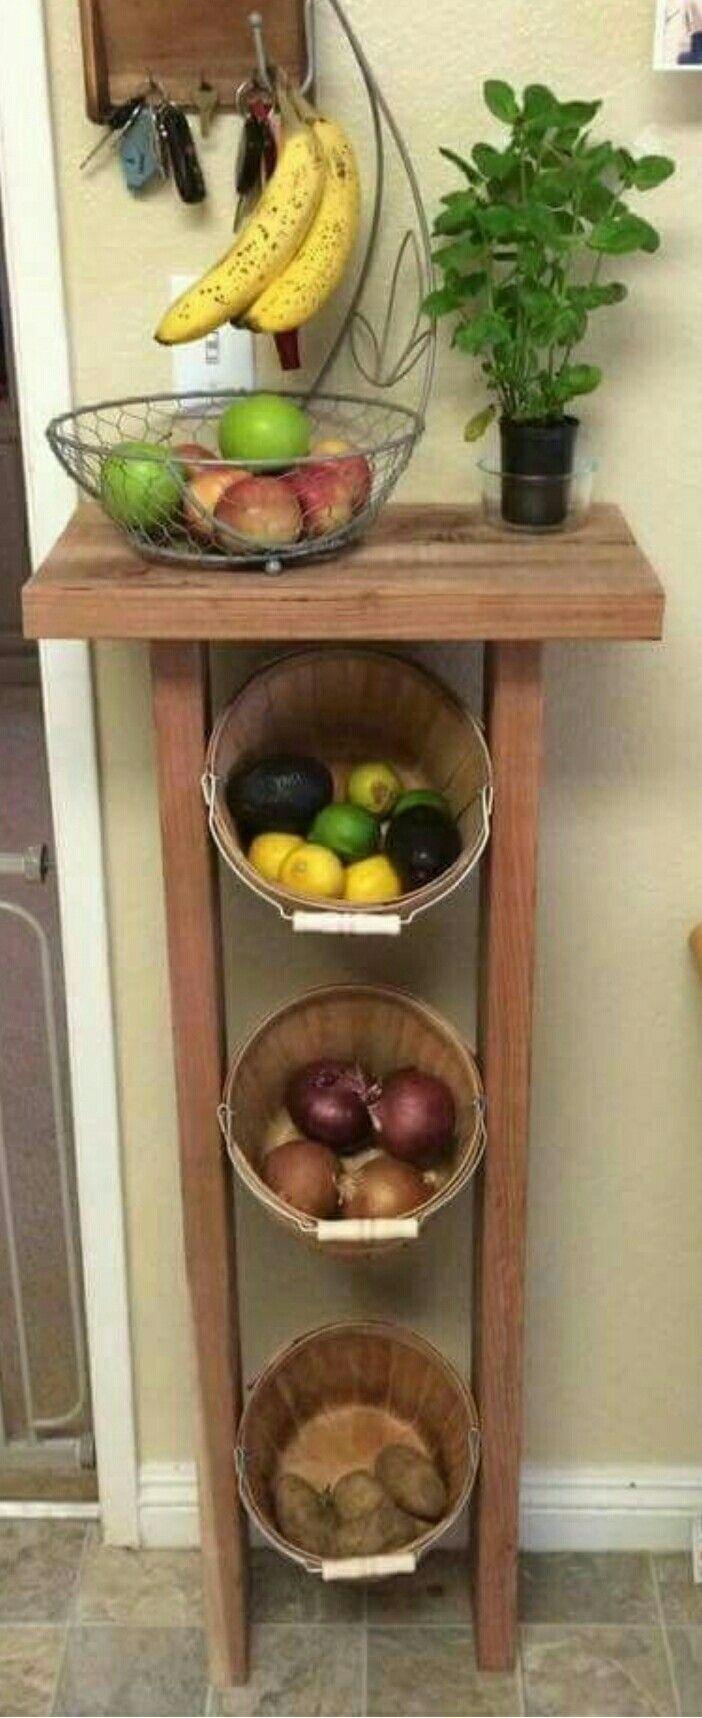 Fruteira Decoracao Coisas De Cozinha Cozinhas